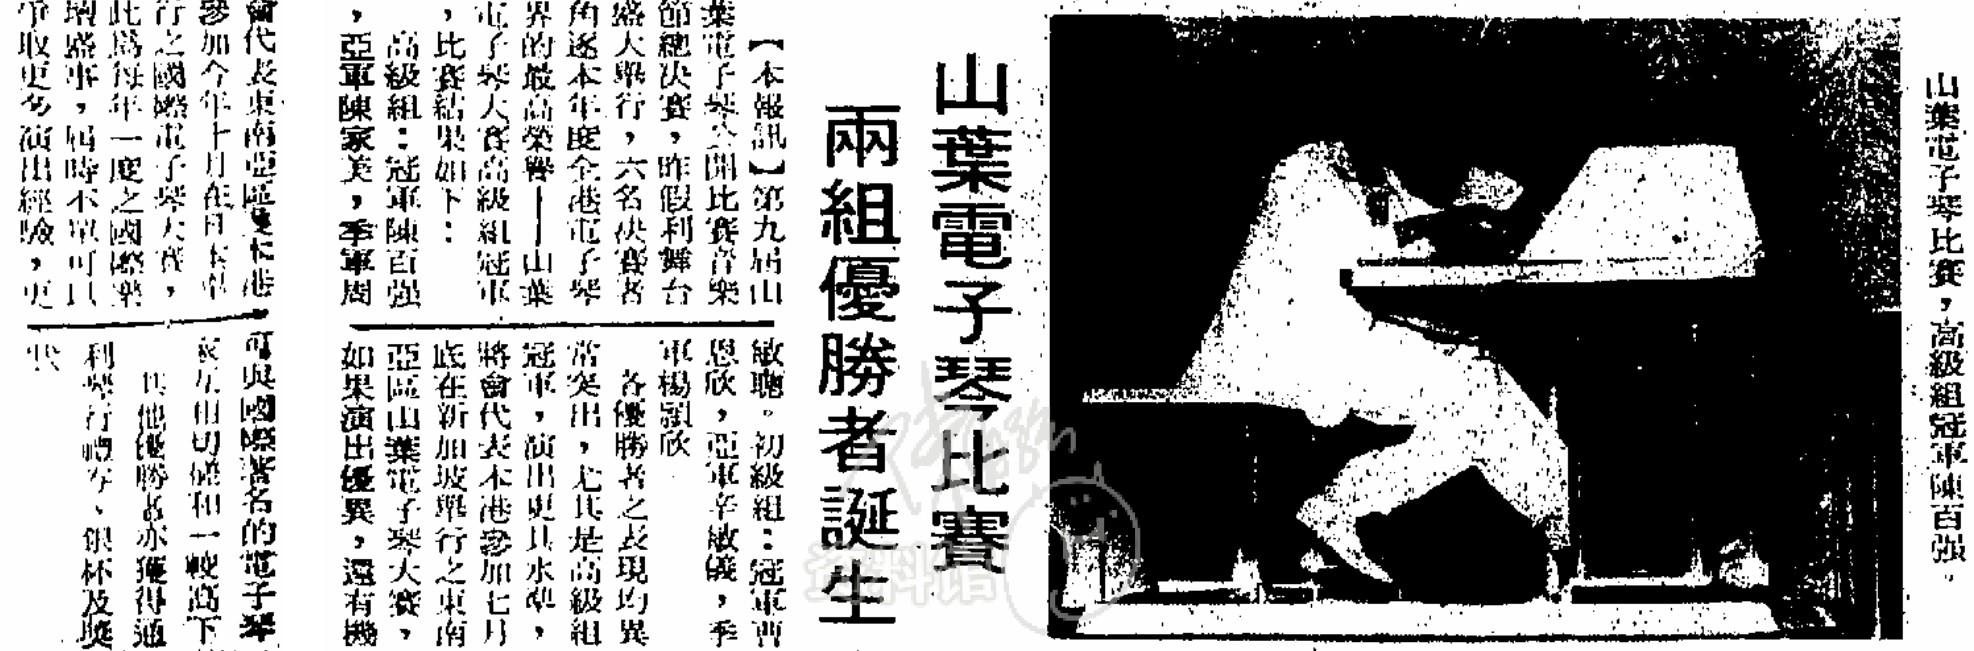 山葉電子琴比賽兩組優勝者誕生 香港工商日報, 1978-07-05